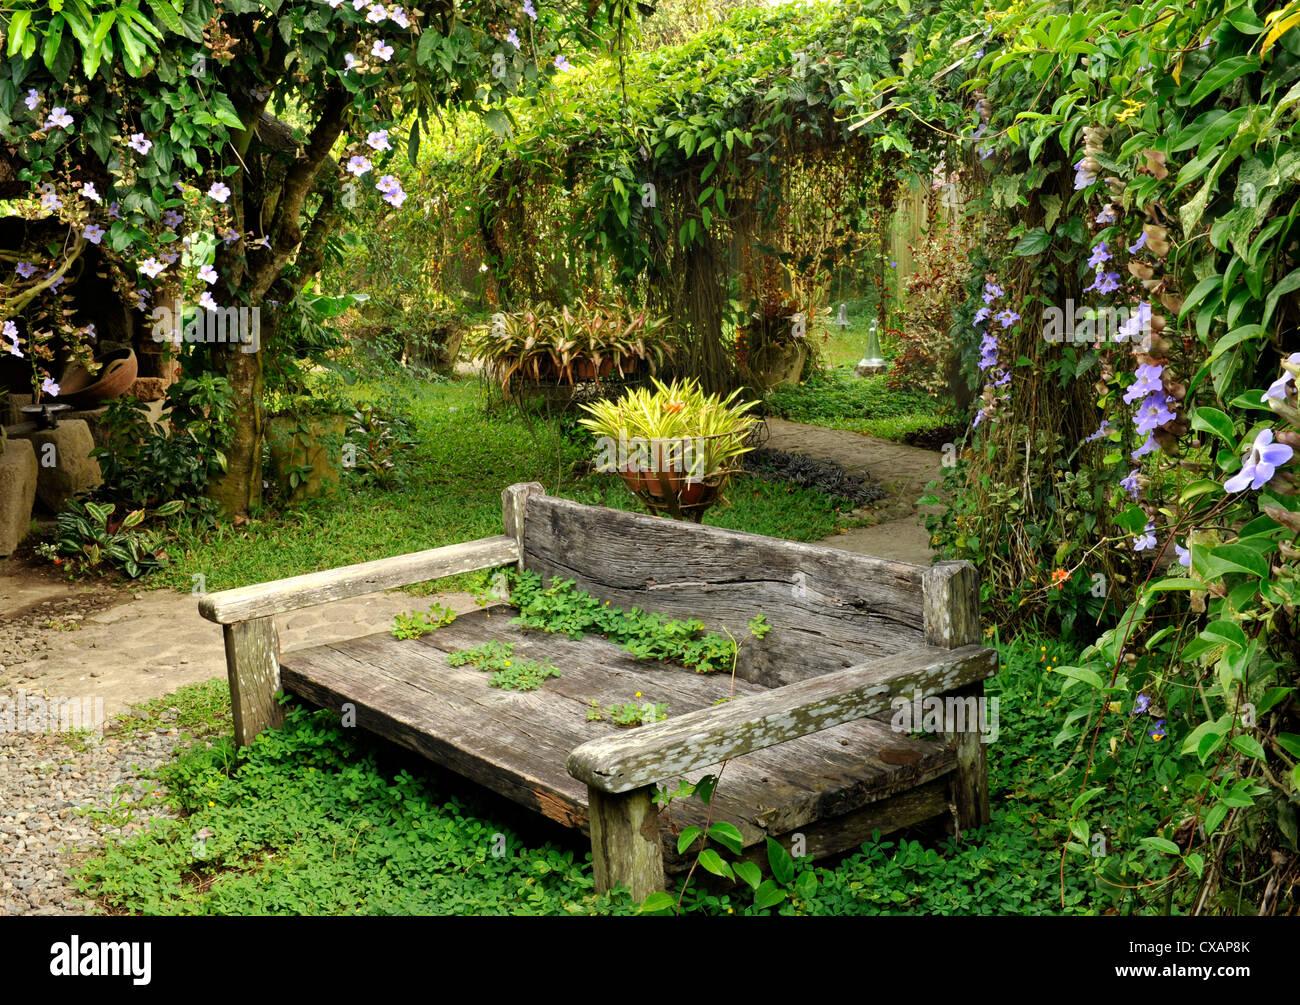 La lune jardin dispose d'une série de treillis avec Thunbergias et d'autres vignes, conçu par P. Geertz à Tagaytay, Philippines Banque D'Images